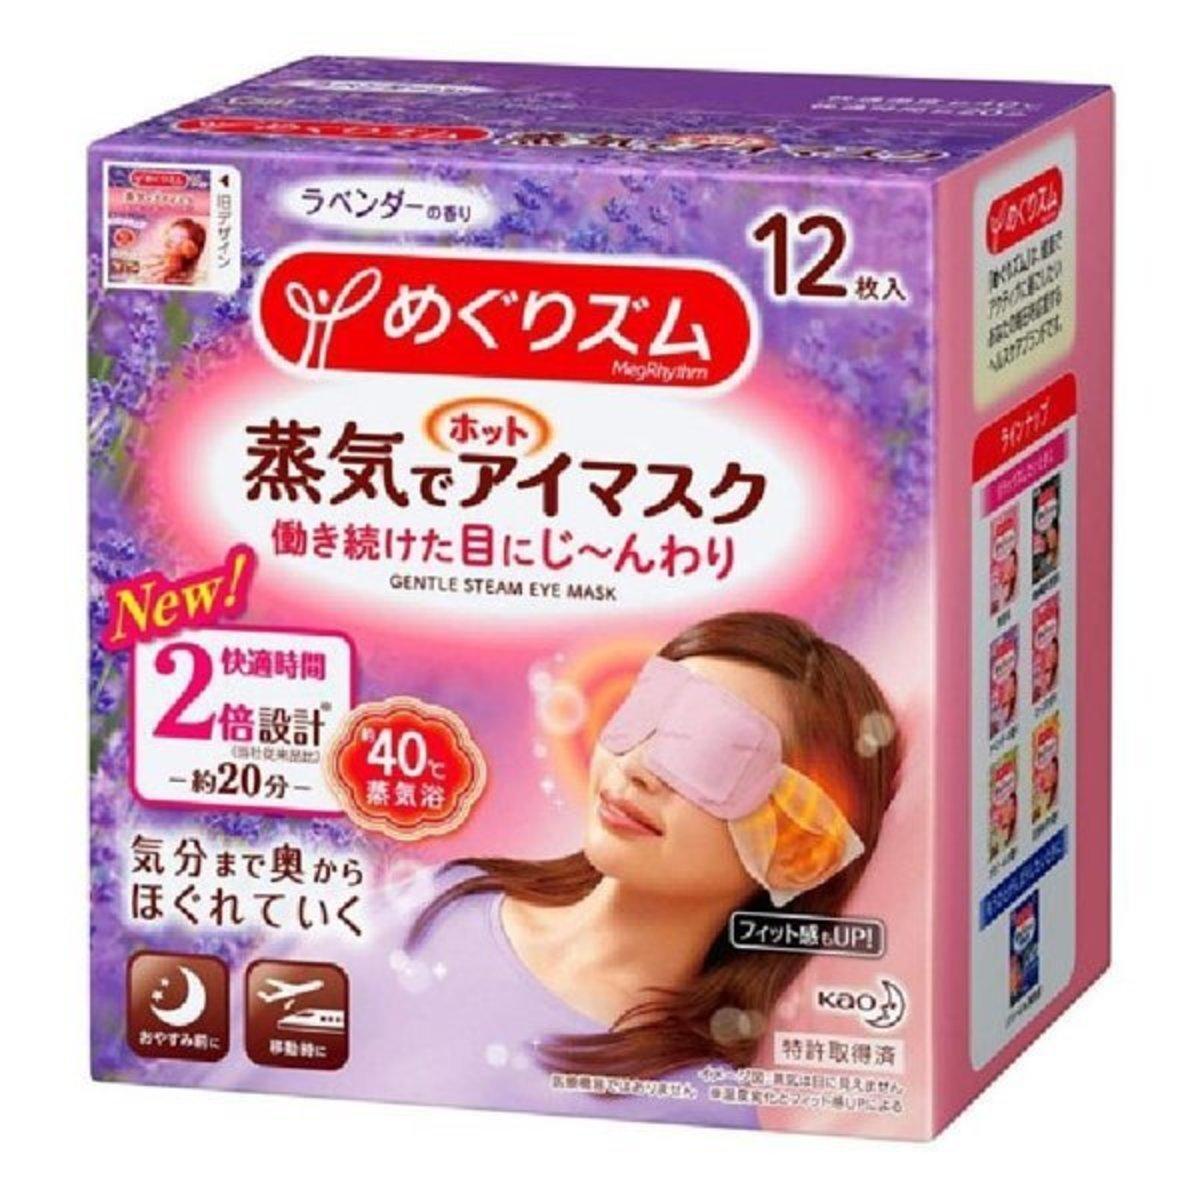 花王KAO - 蒸氣感溫熱眼罩12片裝- 薰衣草香(平行進口)